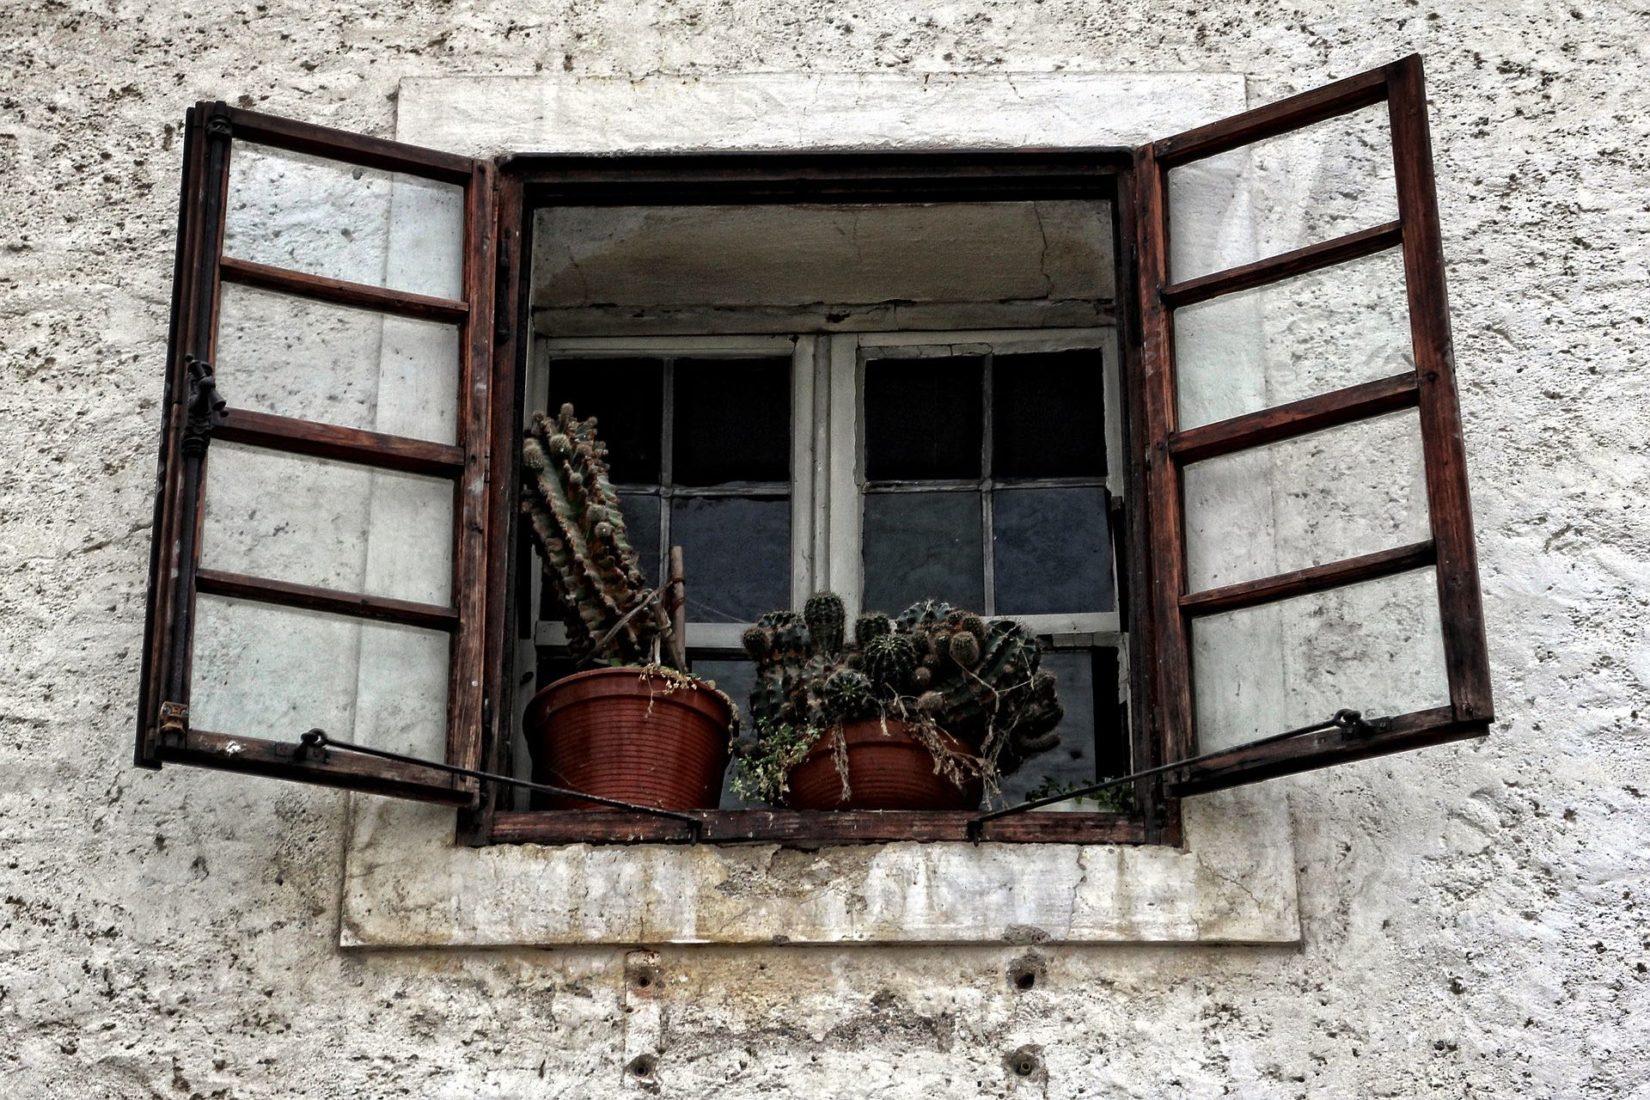 Historisches Kastenfenster mit Einfachverglasung. Foto: Pixabay